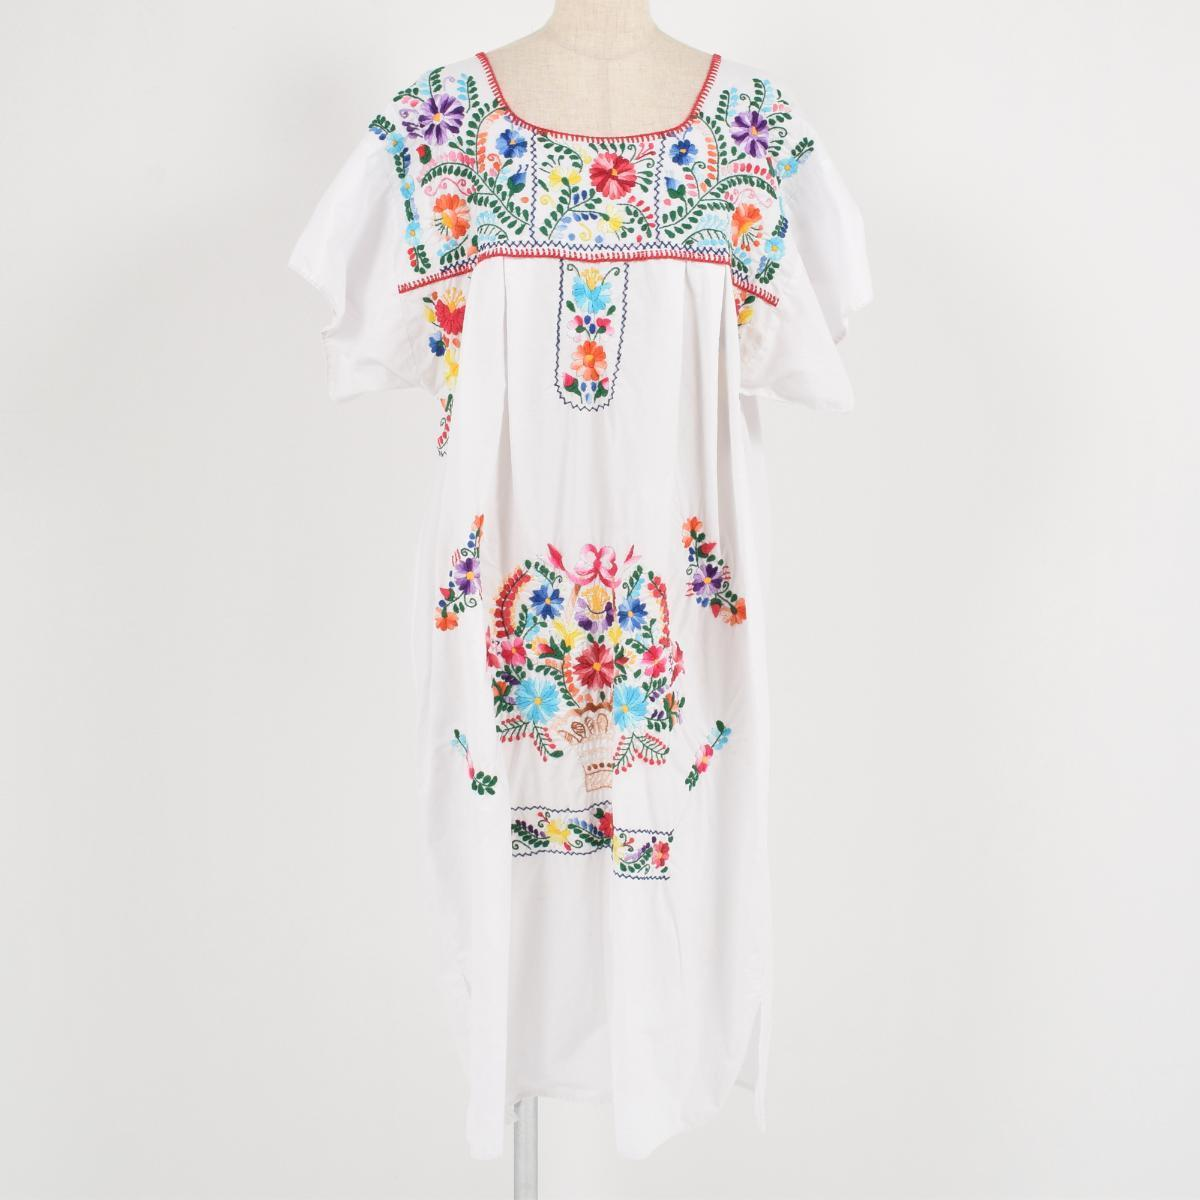 売却 花柄刺繍 ハンド刺繍 メキシカンワンピース レディースXL /wai5270 【中古】 【170804】